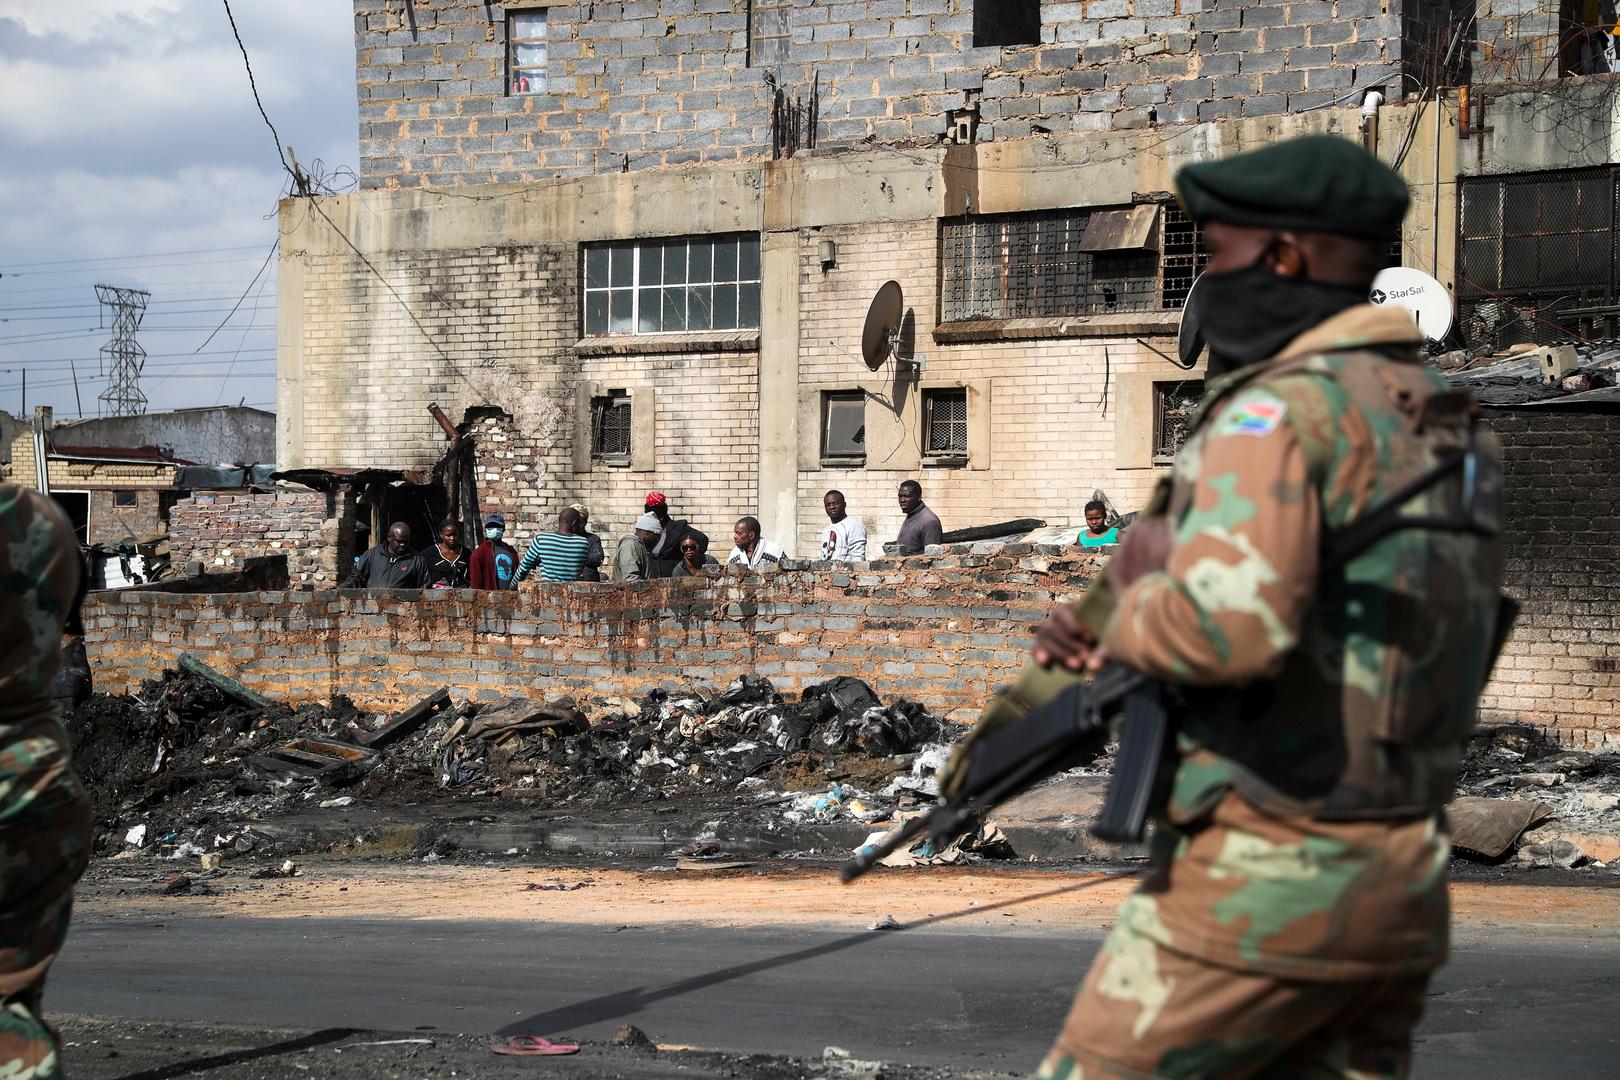 حصيلة ضحايا اضطرابات جنوب إفريقيا تصل إلى 276 شخصا